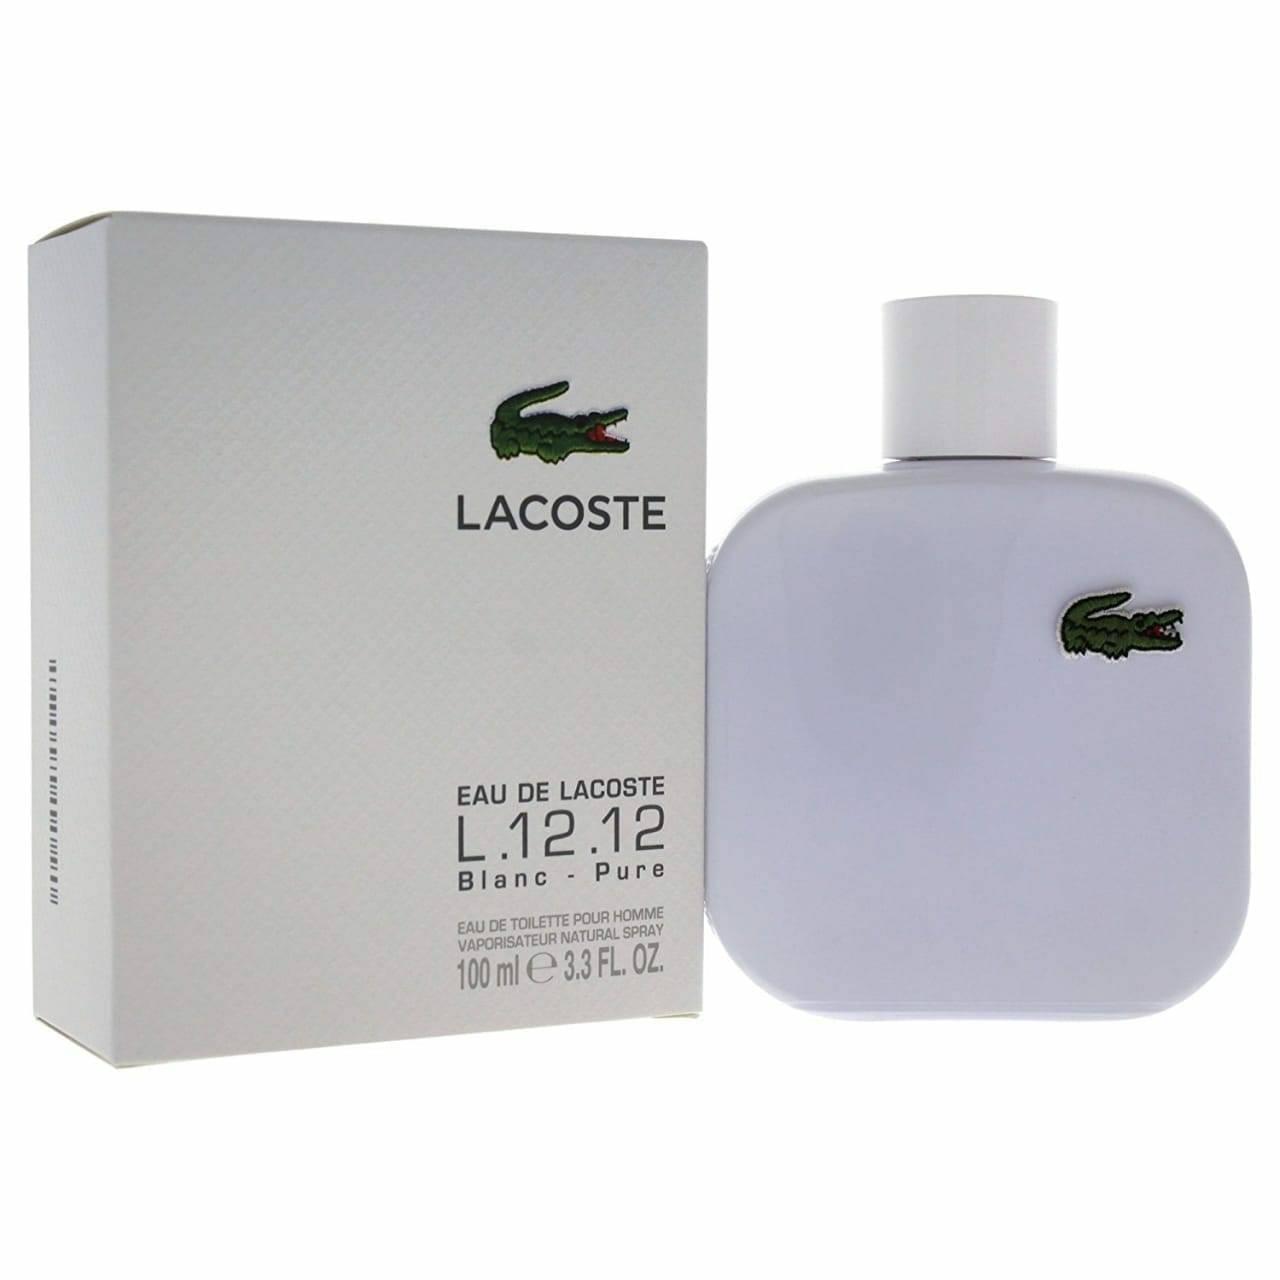 c8cc3e2e7e2142 LACOSTE BLANC PURE EDT 100ML FOR MEN (WHITE)